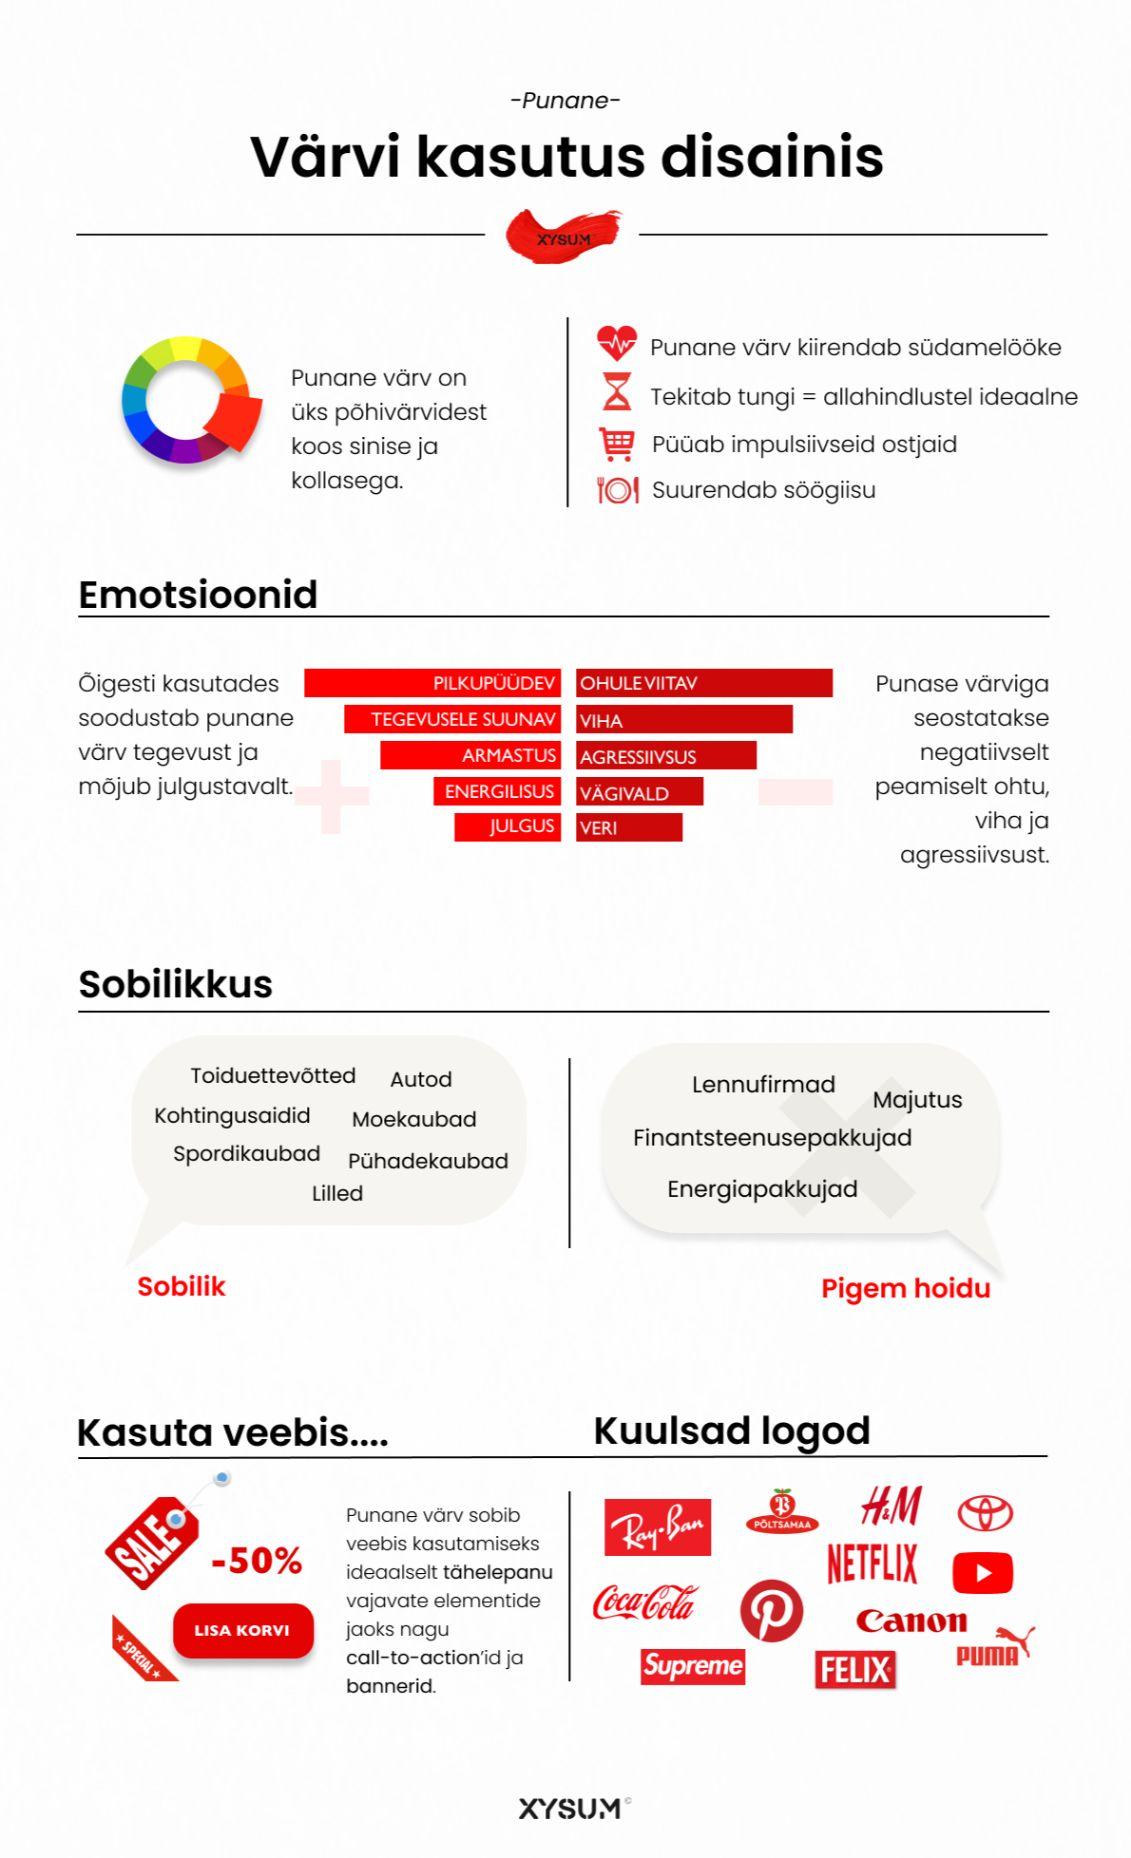 Punane värv veebidisainis, värvi kasutus veebidisainis, infograafik